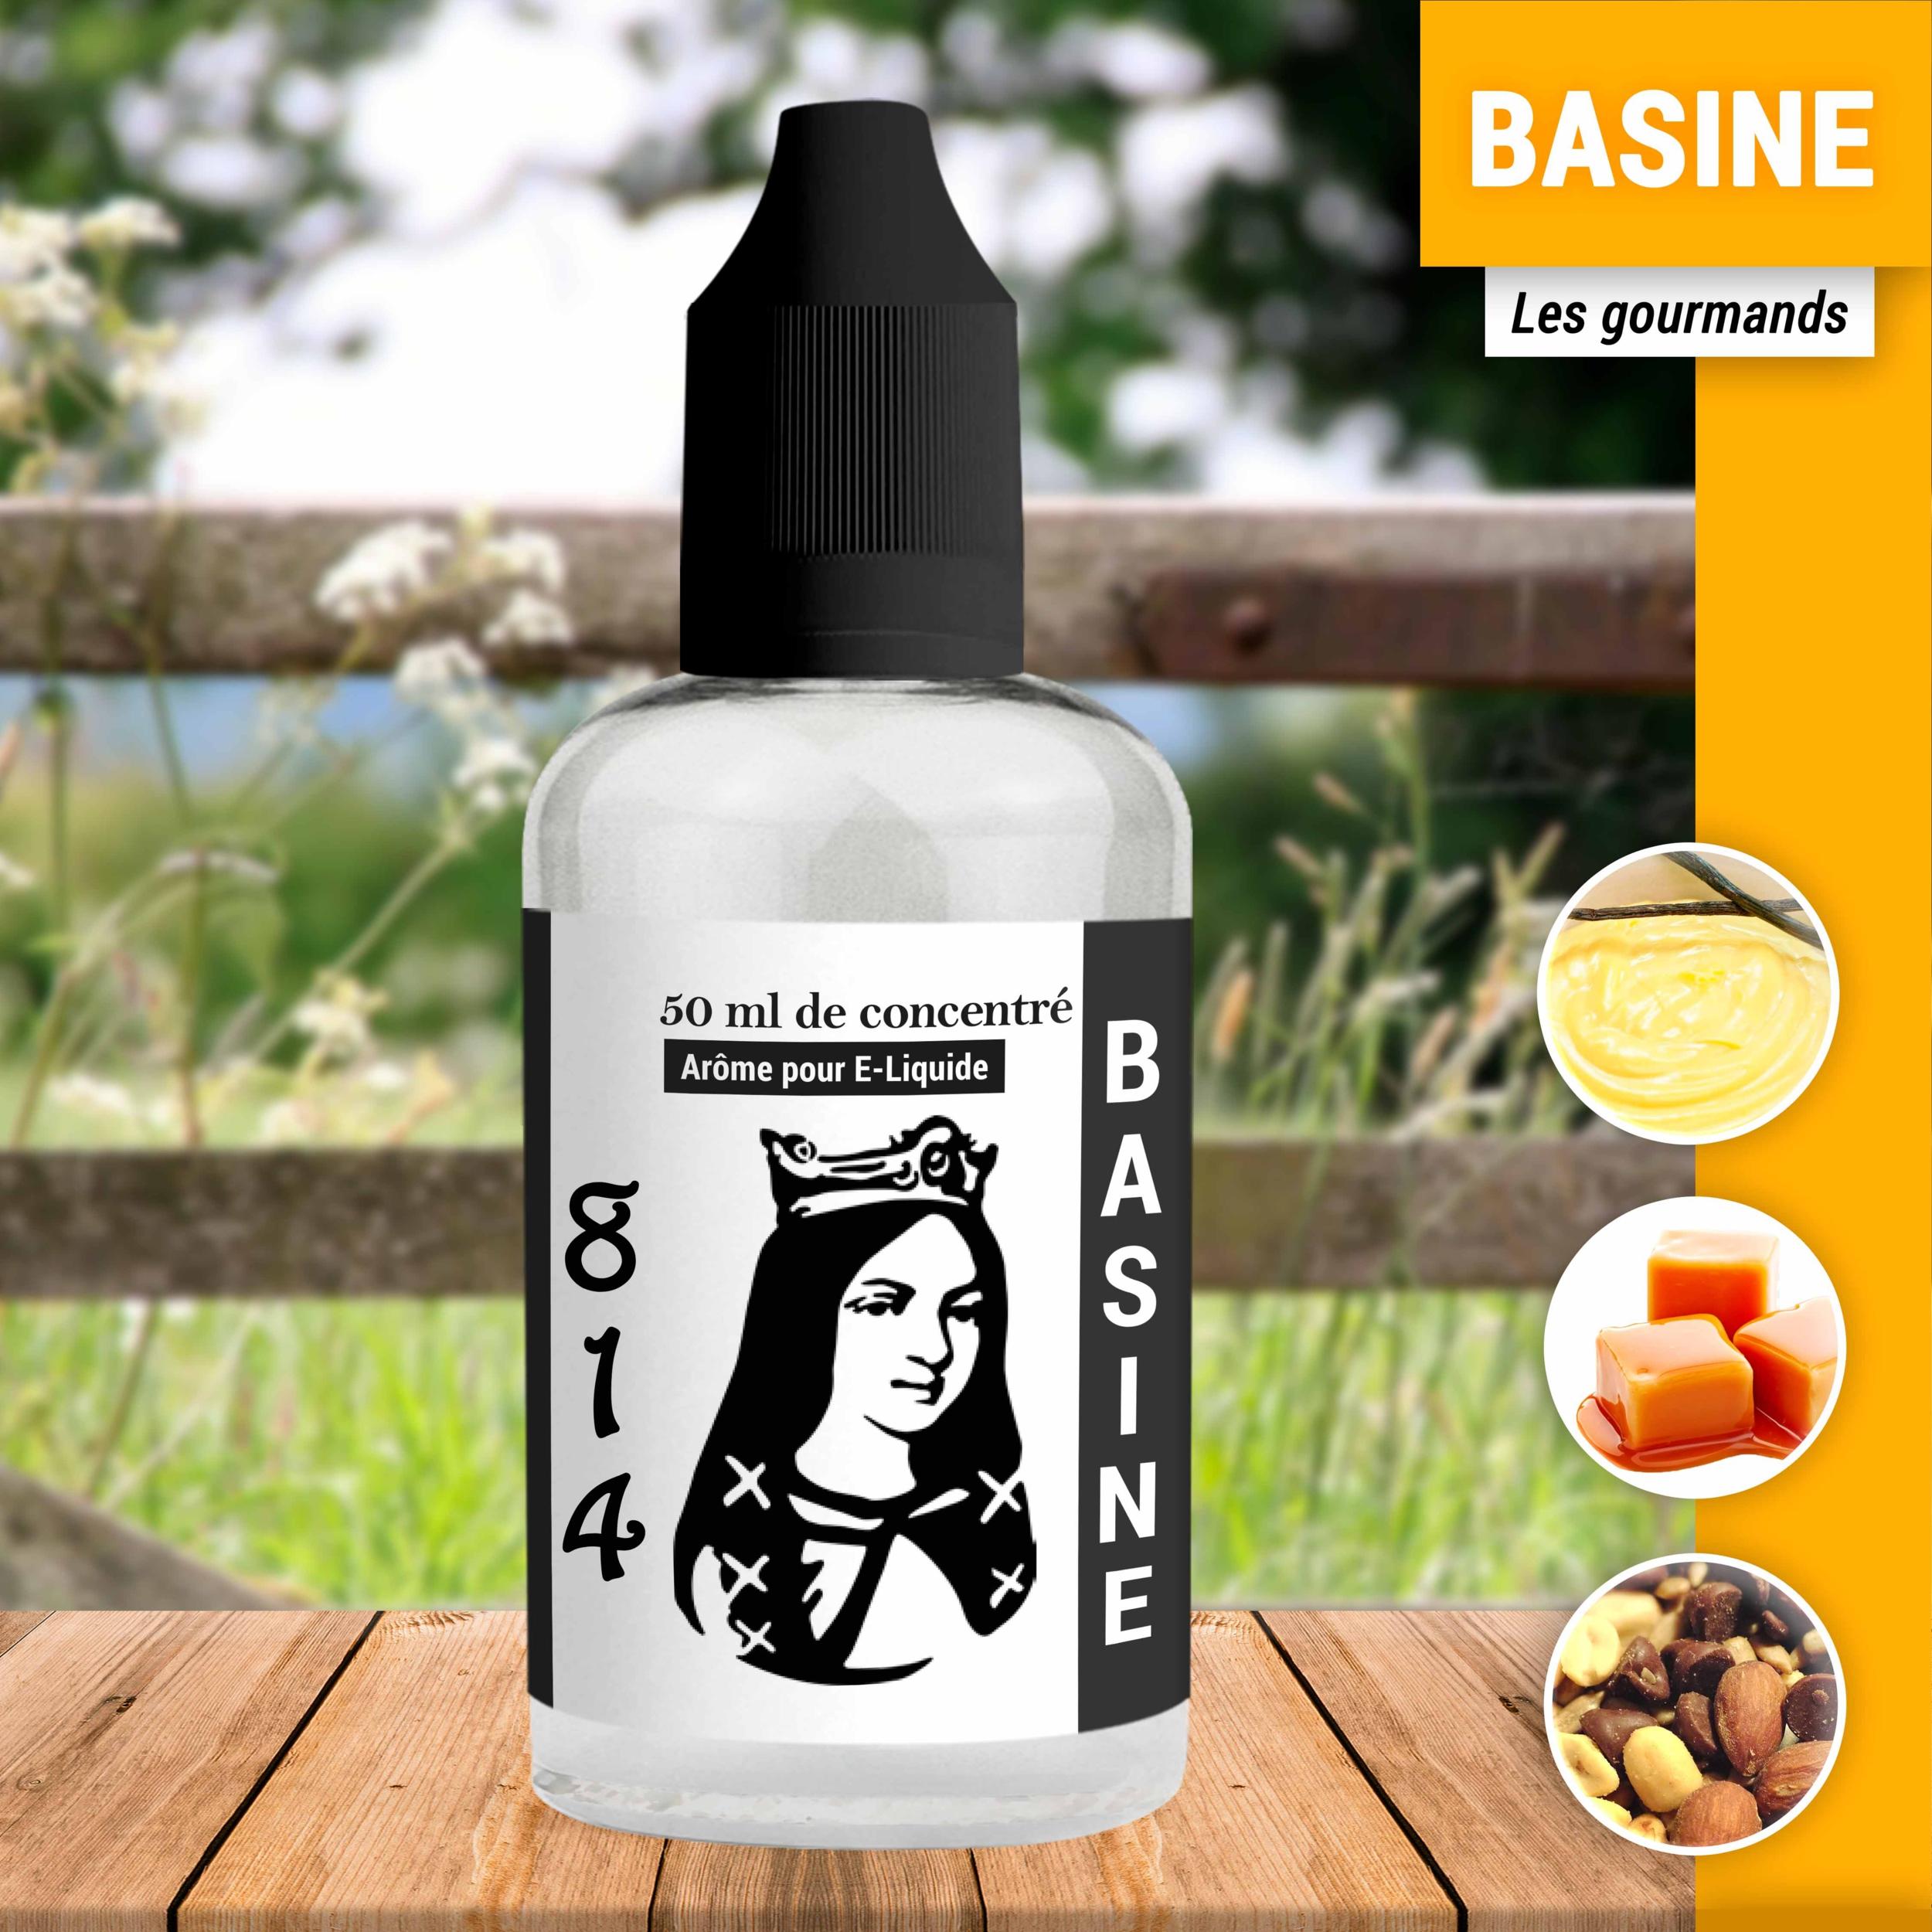 814_Packshot_Concentre_50ml_Basine